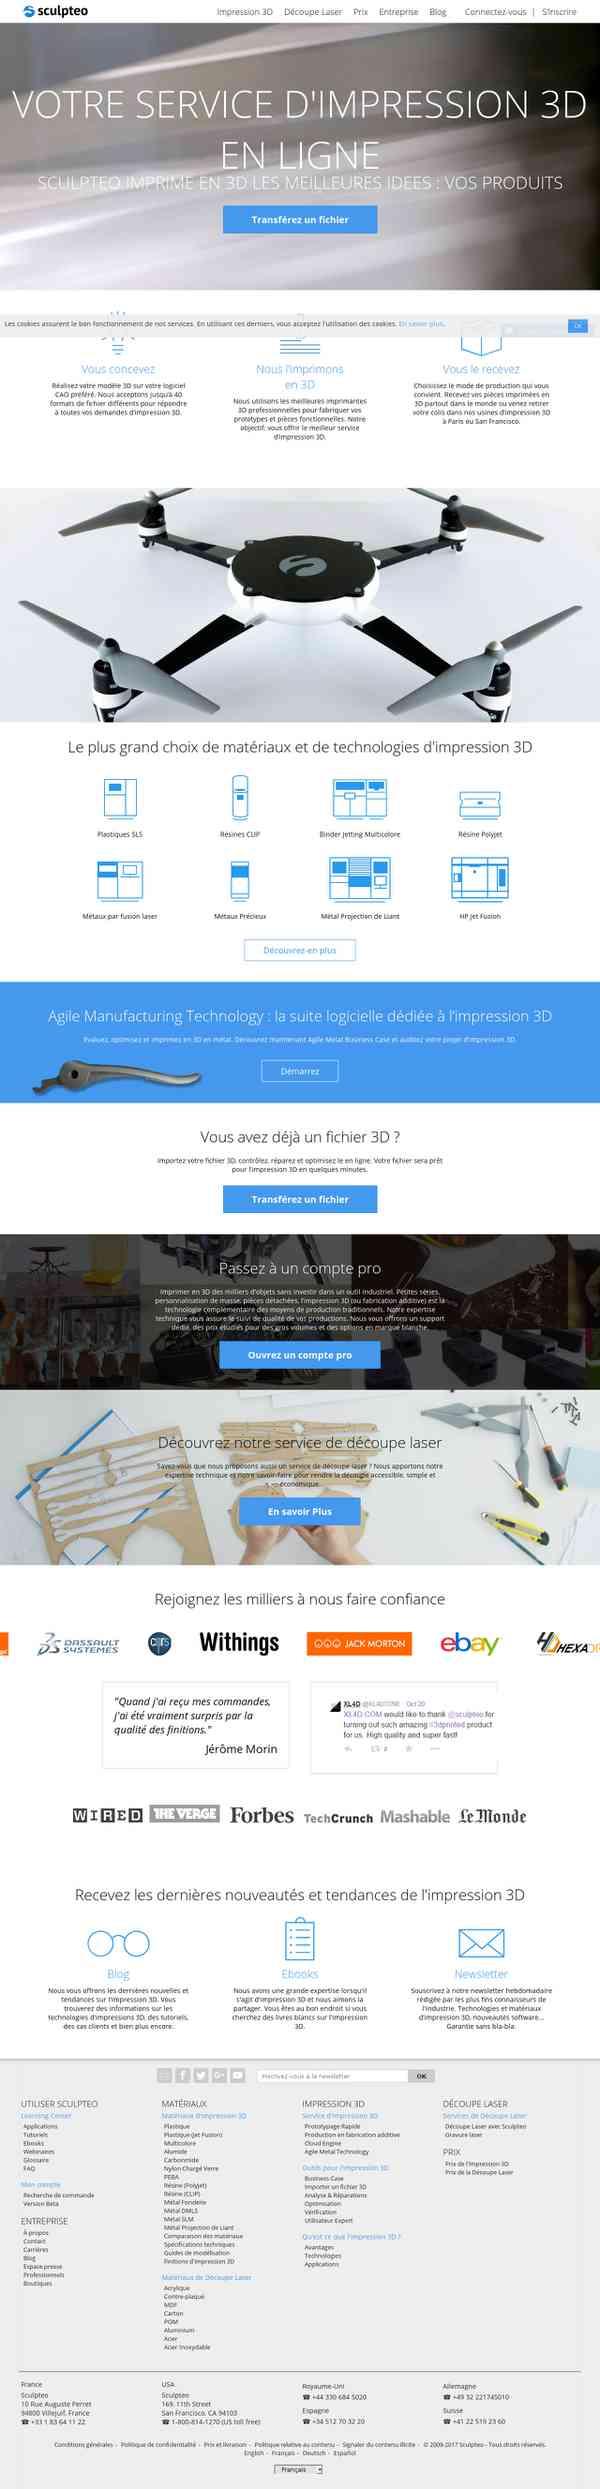 Sculpteo | Impression 3D professionnelle en ligne de votre design